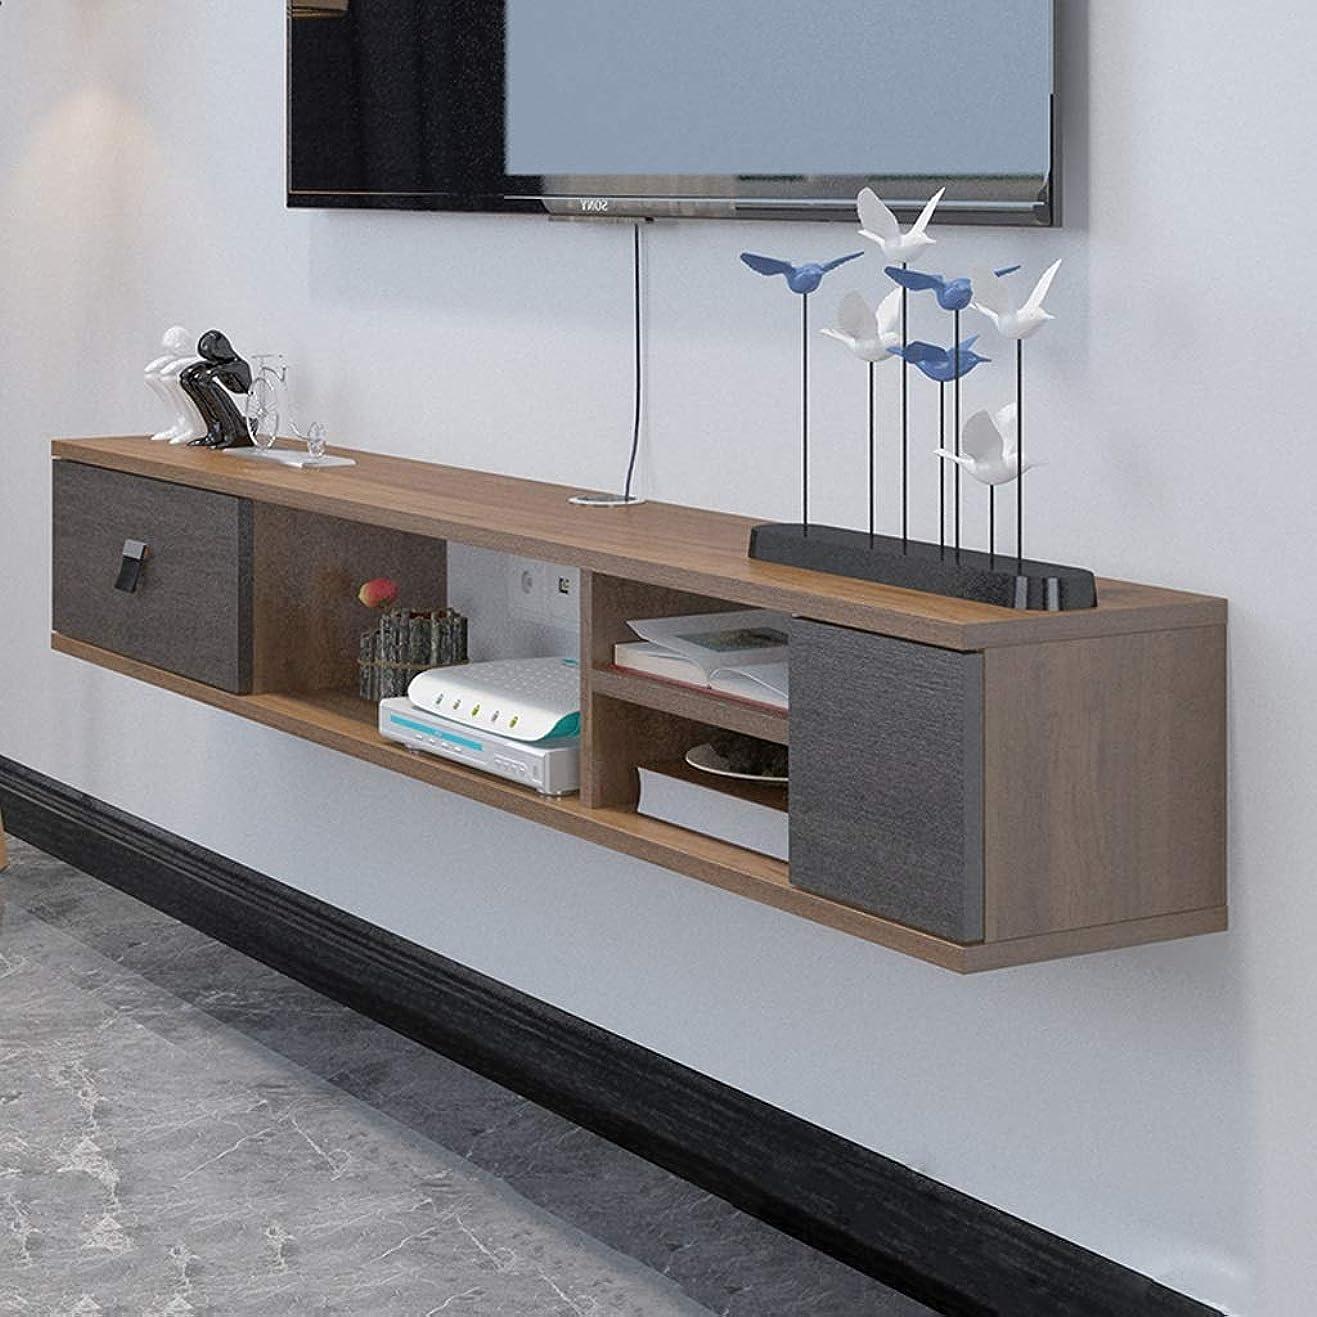 複雑テンション名門ウォールシェルフフローティング棚テレビ棚壁掛けテレビキャビネット引き出し付きセットトップボックスルータースカイボックステレビのリモコンケーブルボックス収納棚 (色 : ウォールナット色, サイズ さいず : 1.4M)